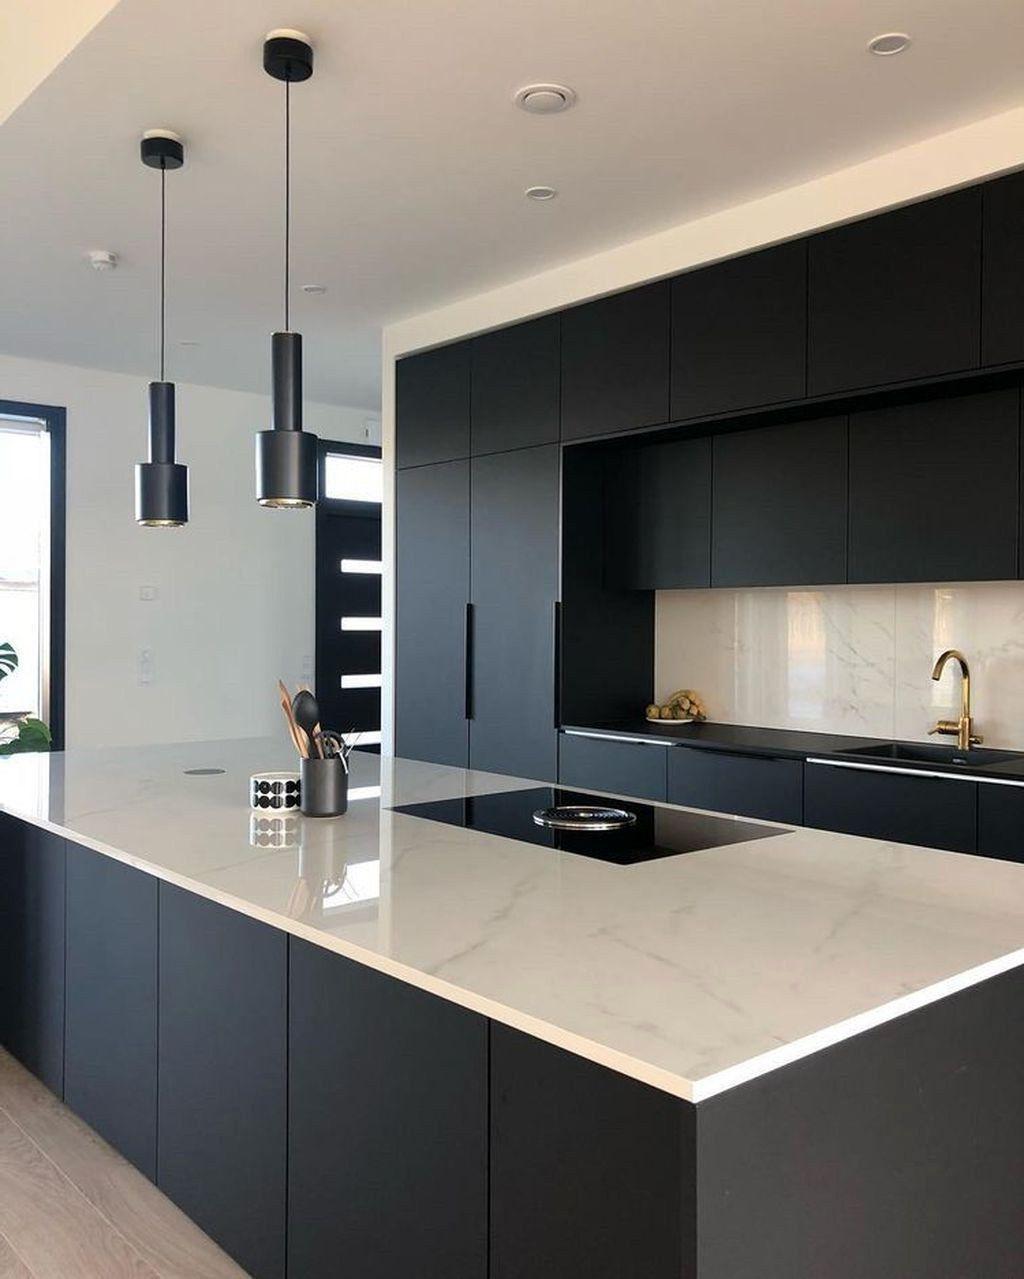 31 Wonderful Lu Ury Kitchens Design Ideas With Modern Style 30 Best Inspiration Ideas That You Want Kuchen Design Kuchendesign Luxuskuchen